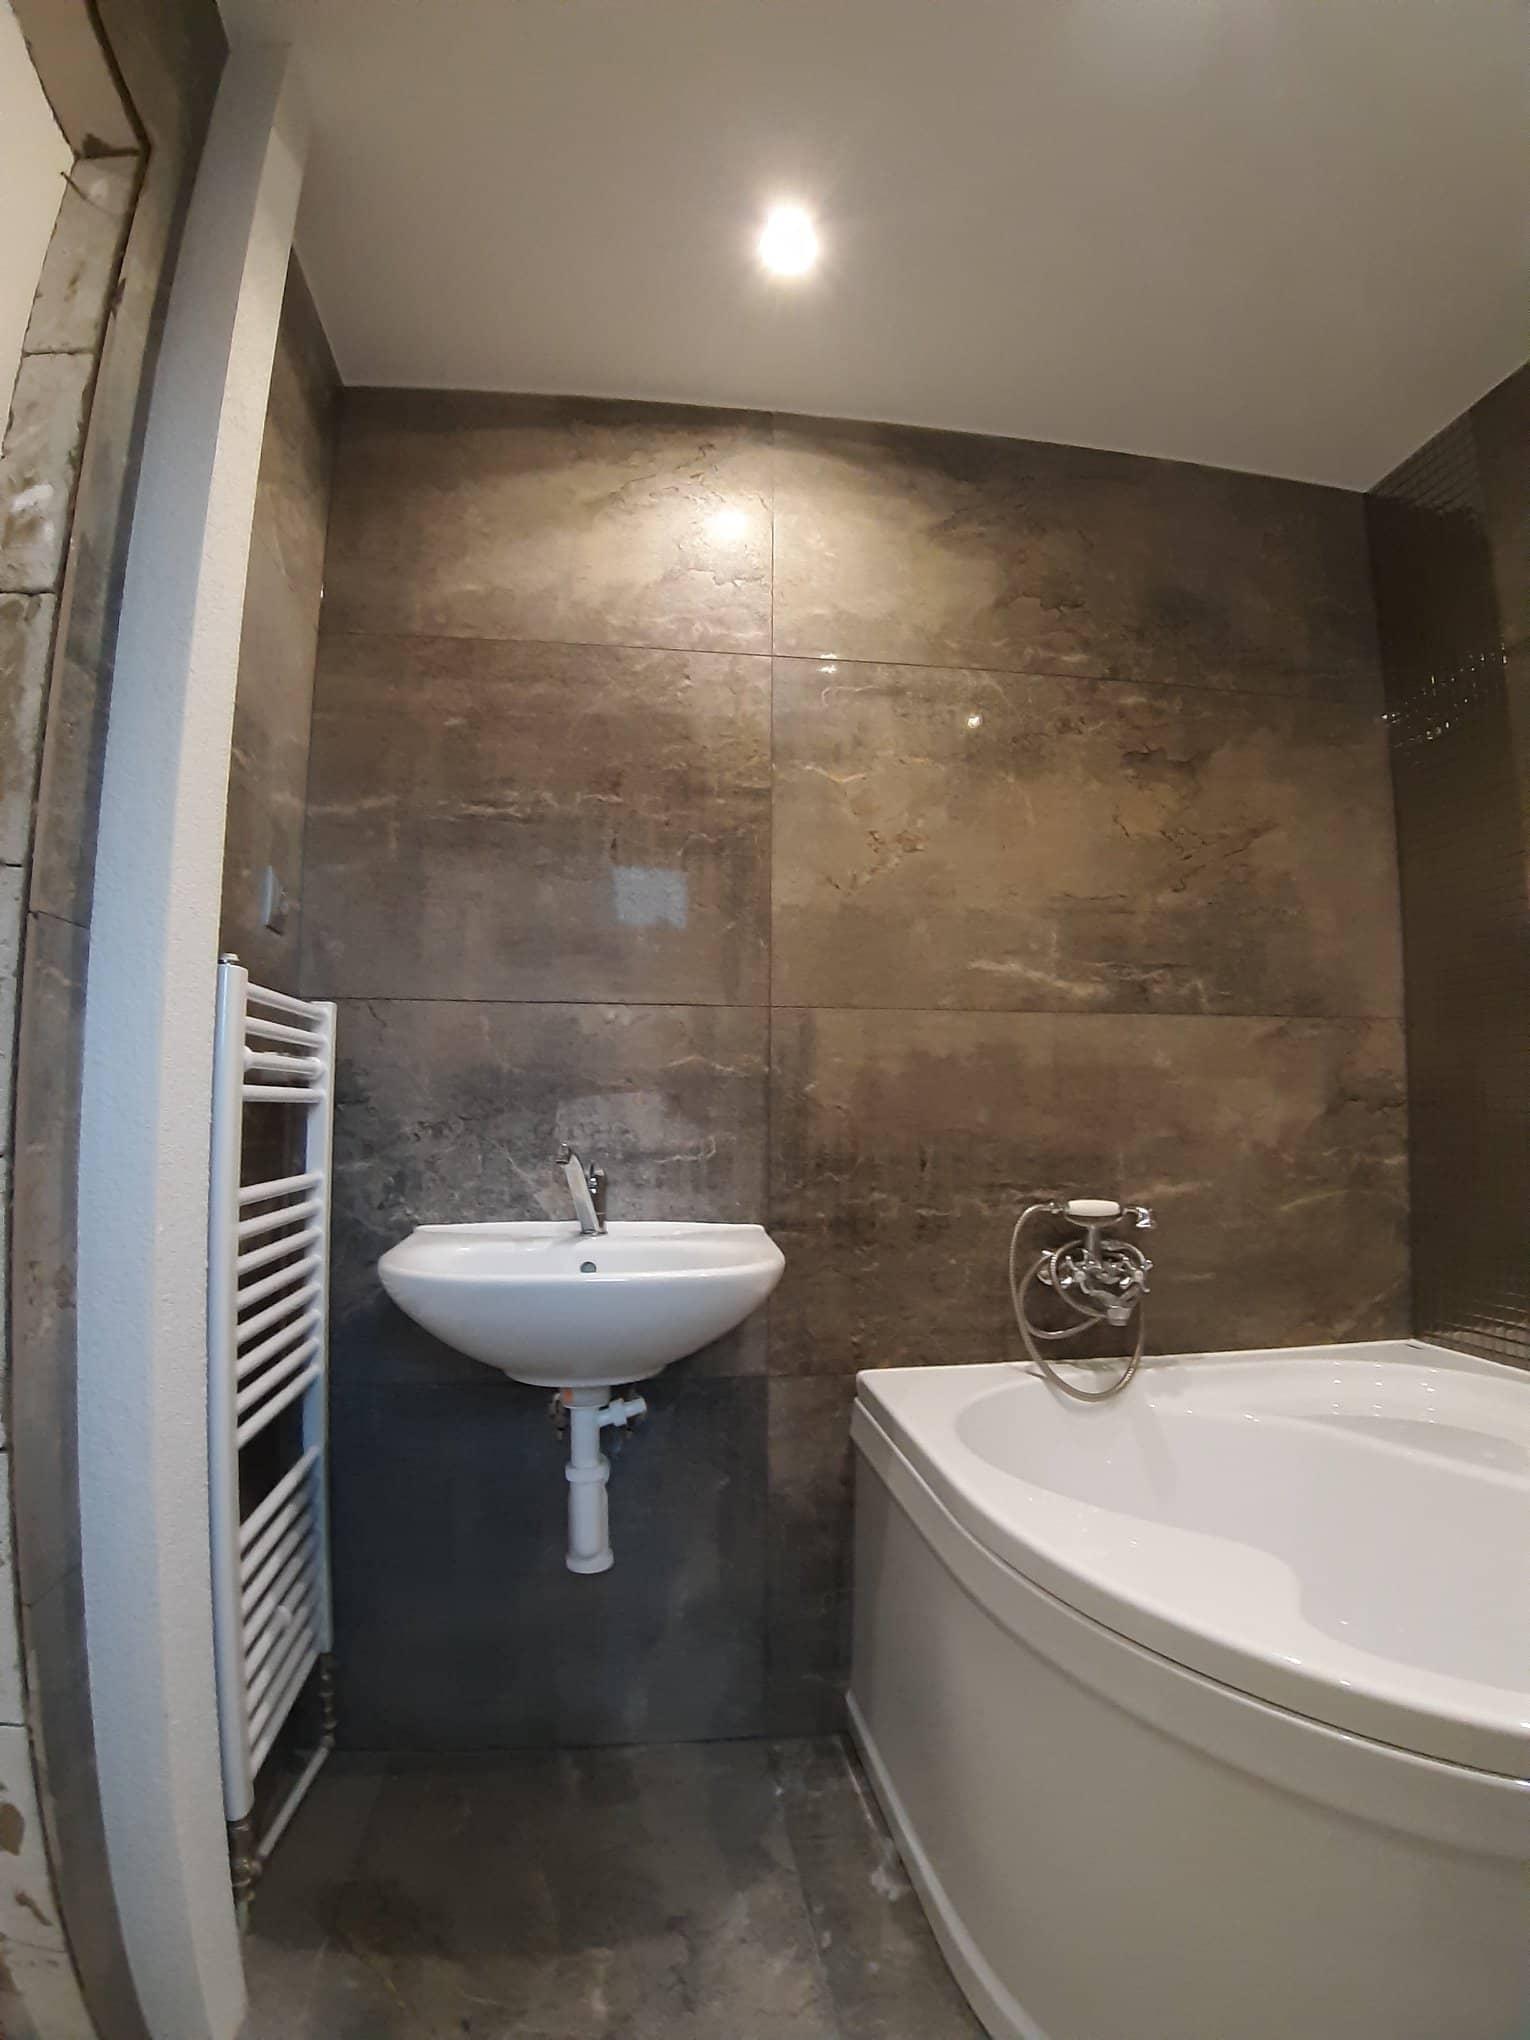 Reformas integrales de viviendas, cambiar bañera por ducha